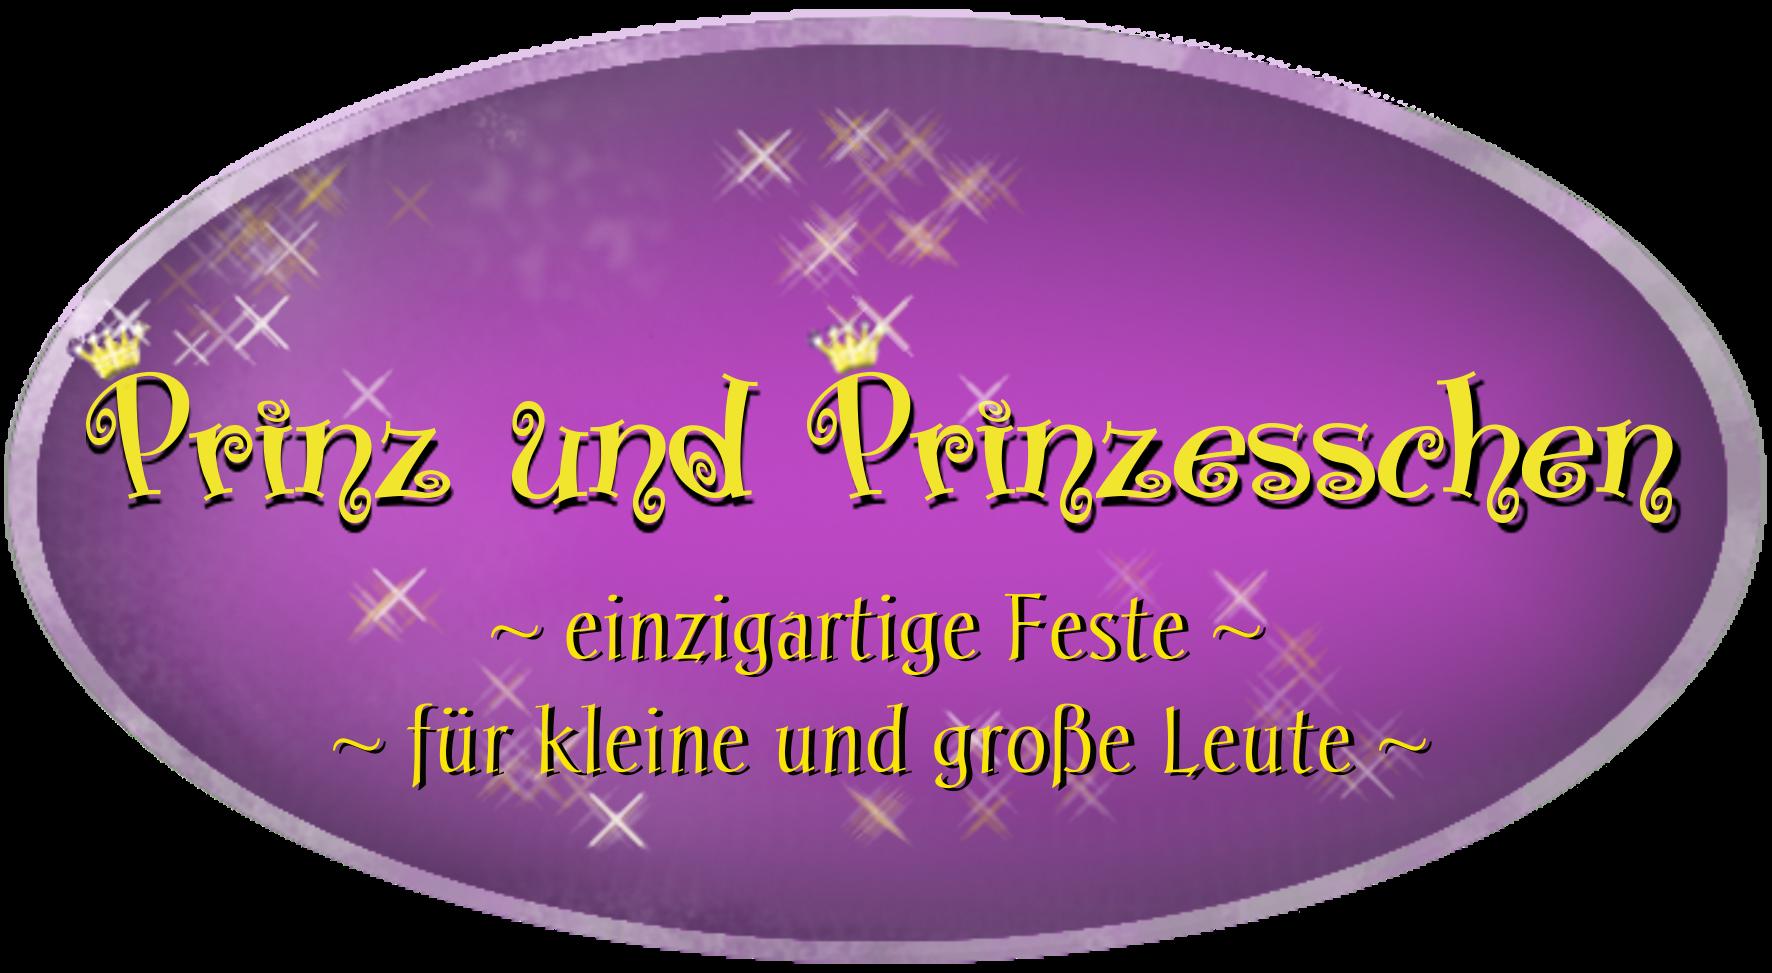 Prinz und Prinzesschen - einzigartige Feste für kleine und große Leute